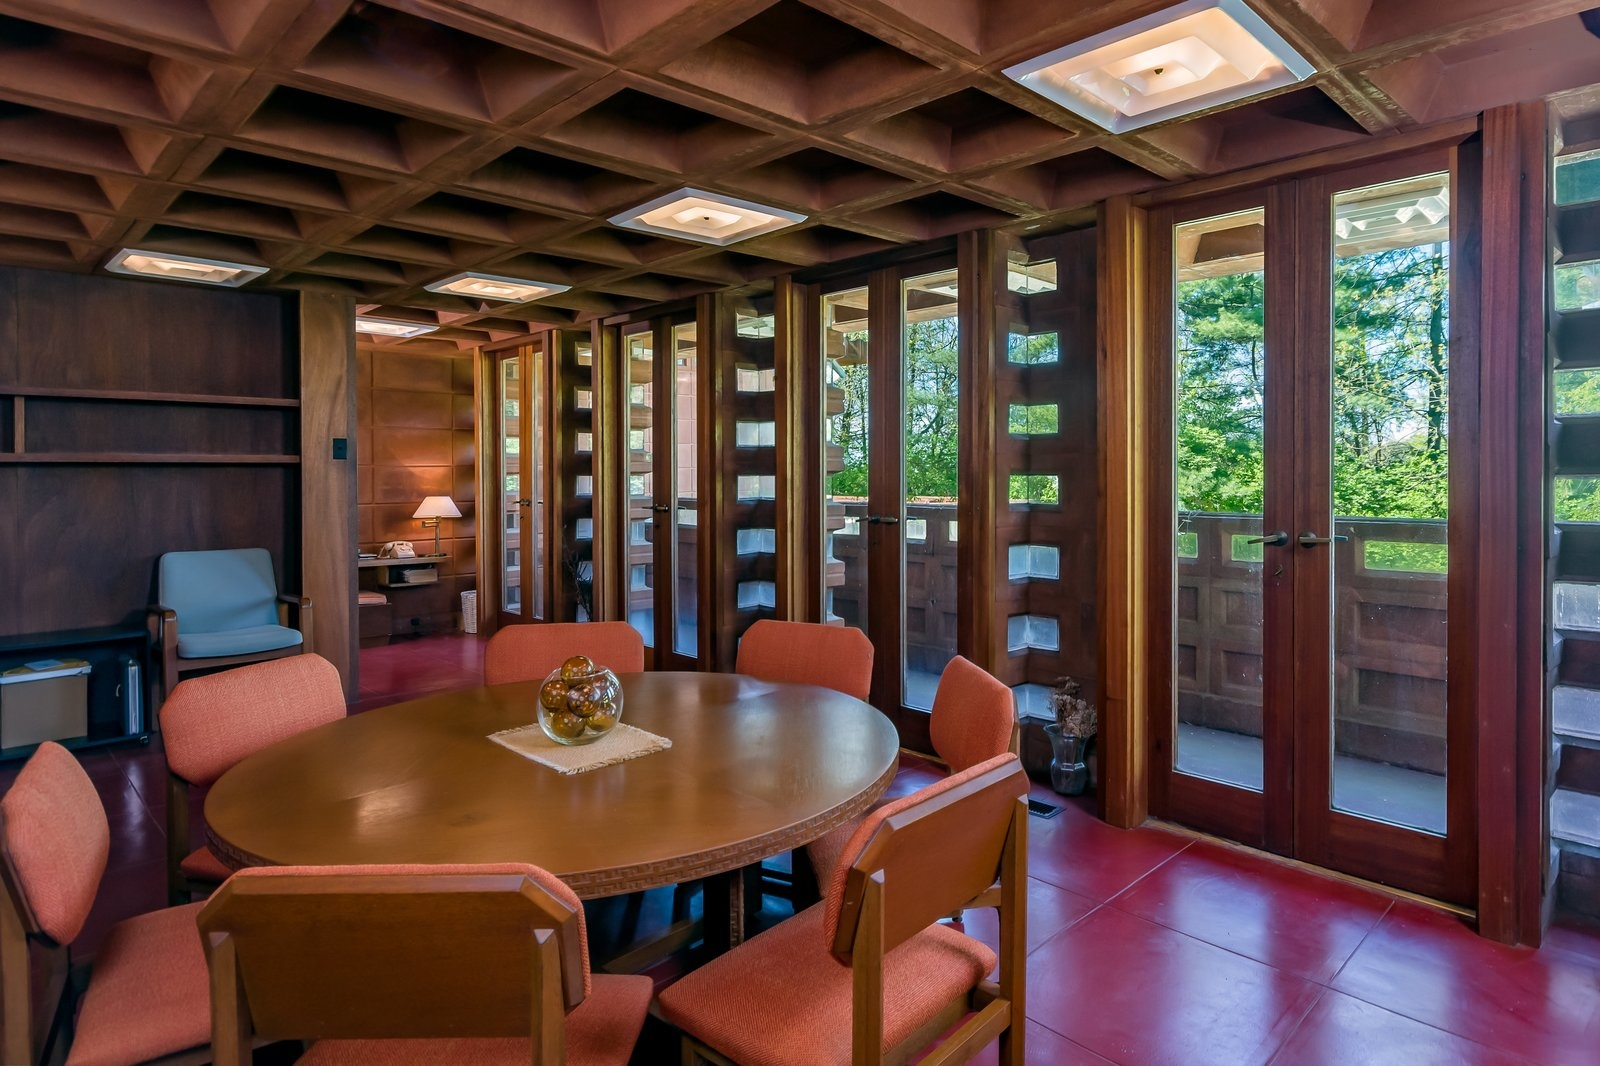 В Сент-Луисе продается дом по проекту Фрэнка Ллойда Райта (галерея 11, фото 3)